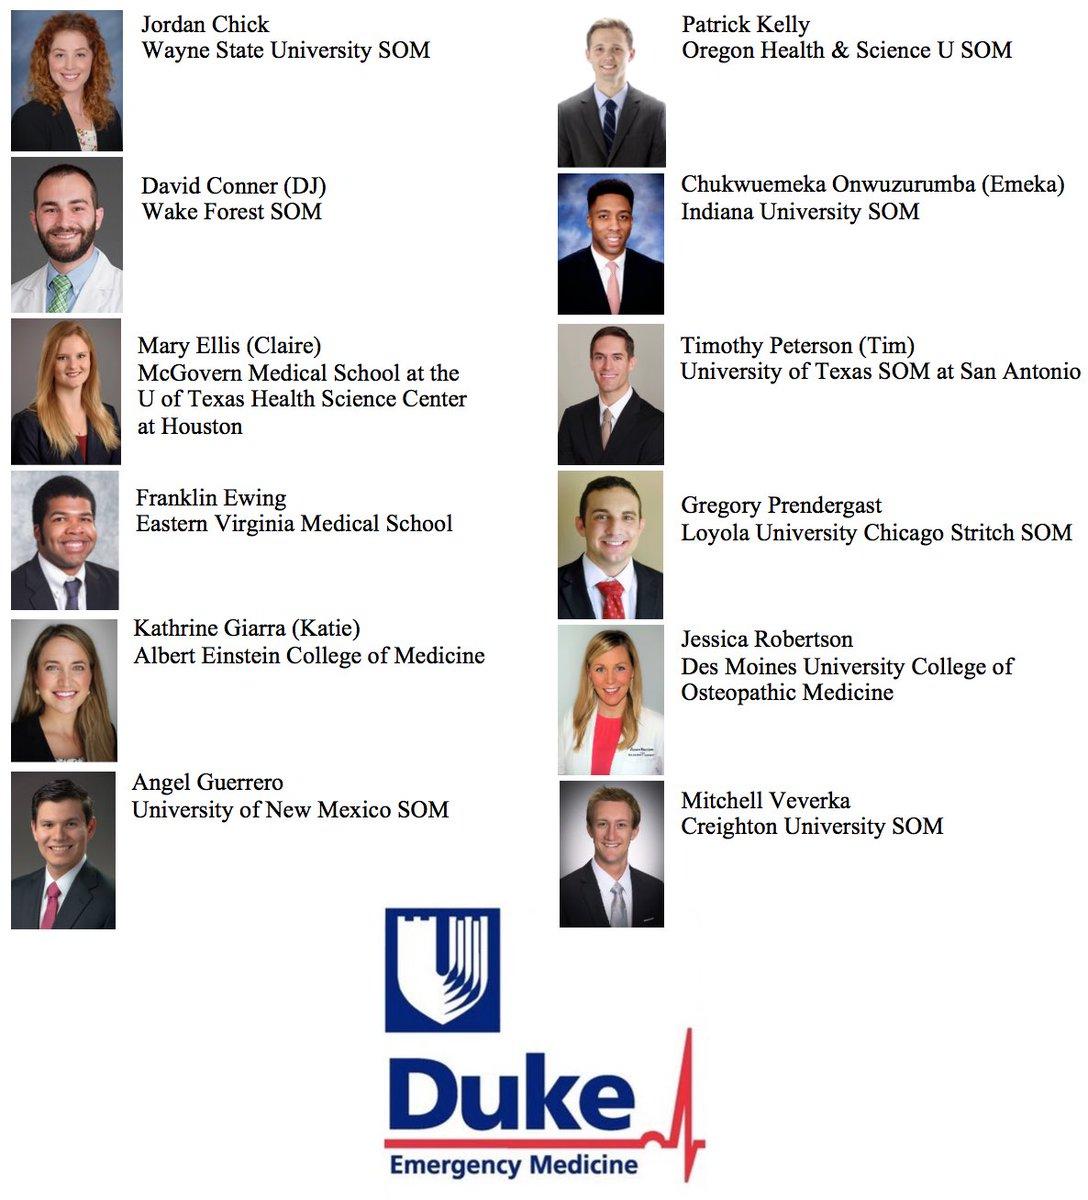 Duke EM Residency on Twitter: